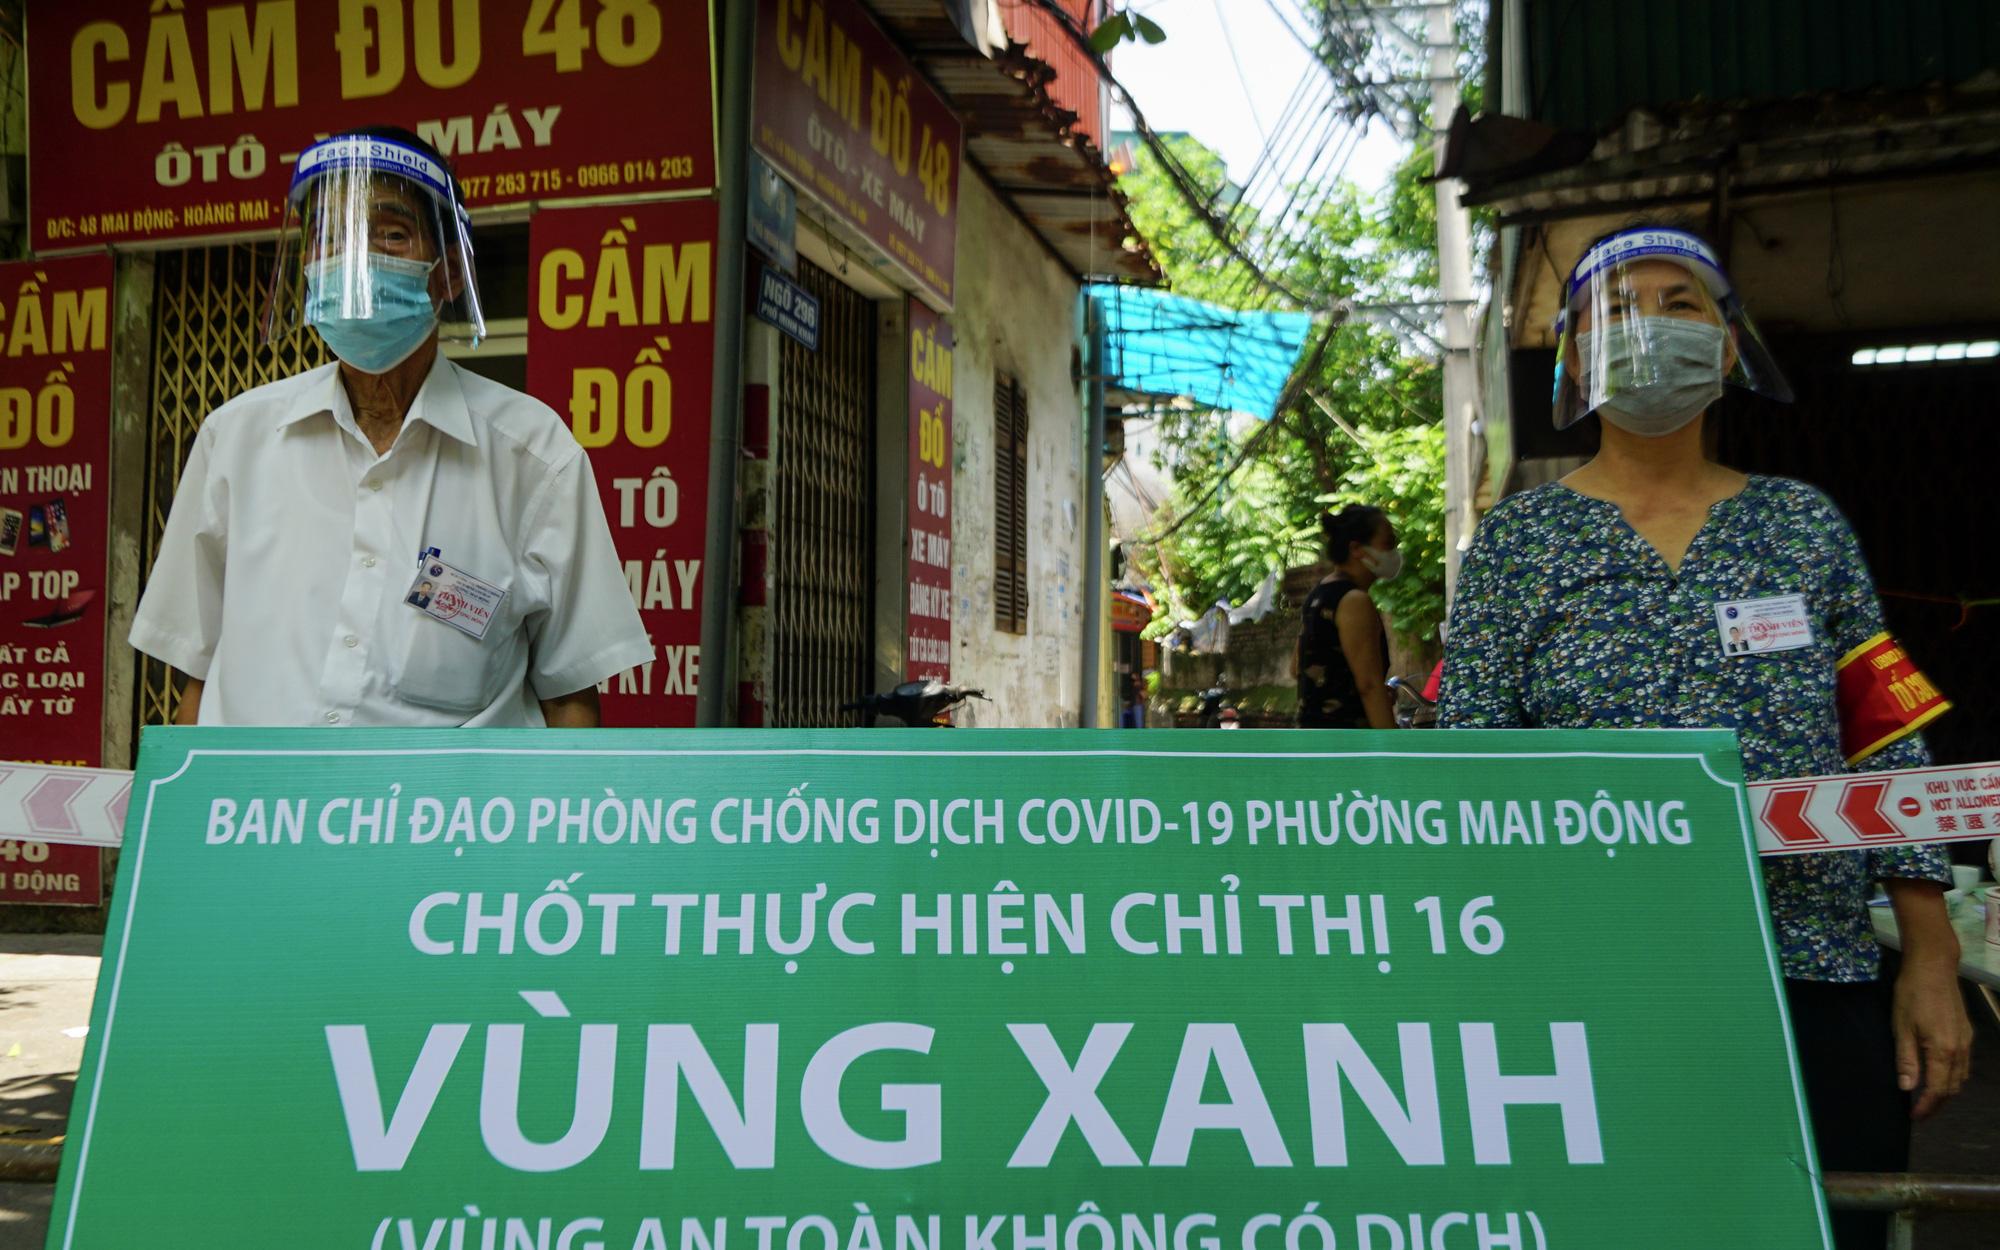 """Hà Nội lập các chốt """"vùng xanh"""" đầu tiên phòng dịch Covid-19, bảo vệ an toàn cho người dân nơi không có dịch"""